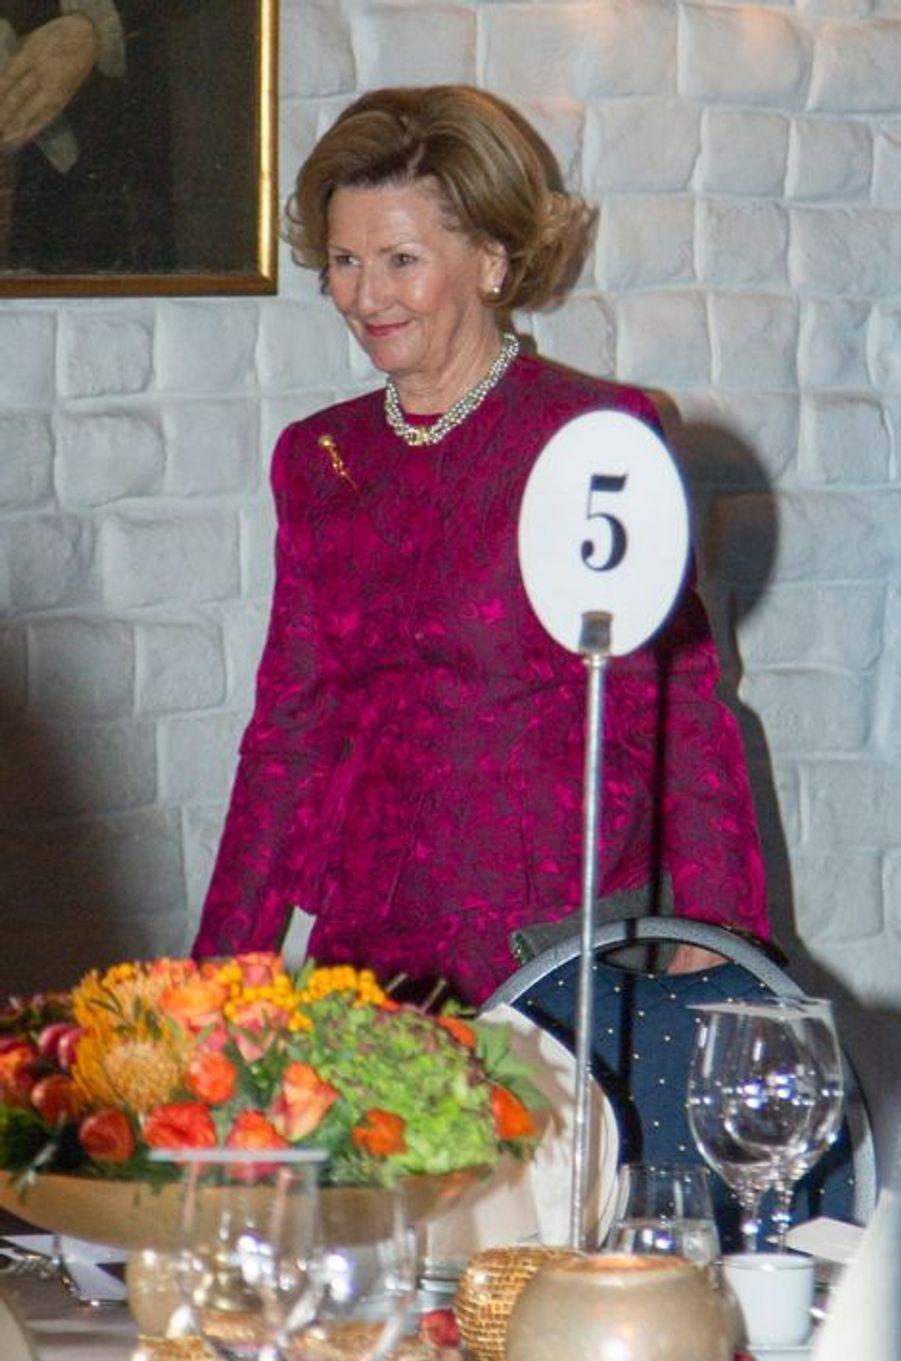 La reine Sonja de Norvège au château d'Akershus à Oslo le 14 octobre 2014